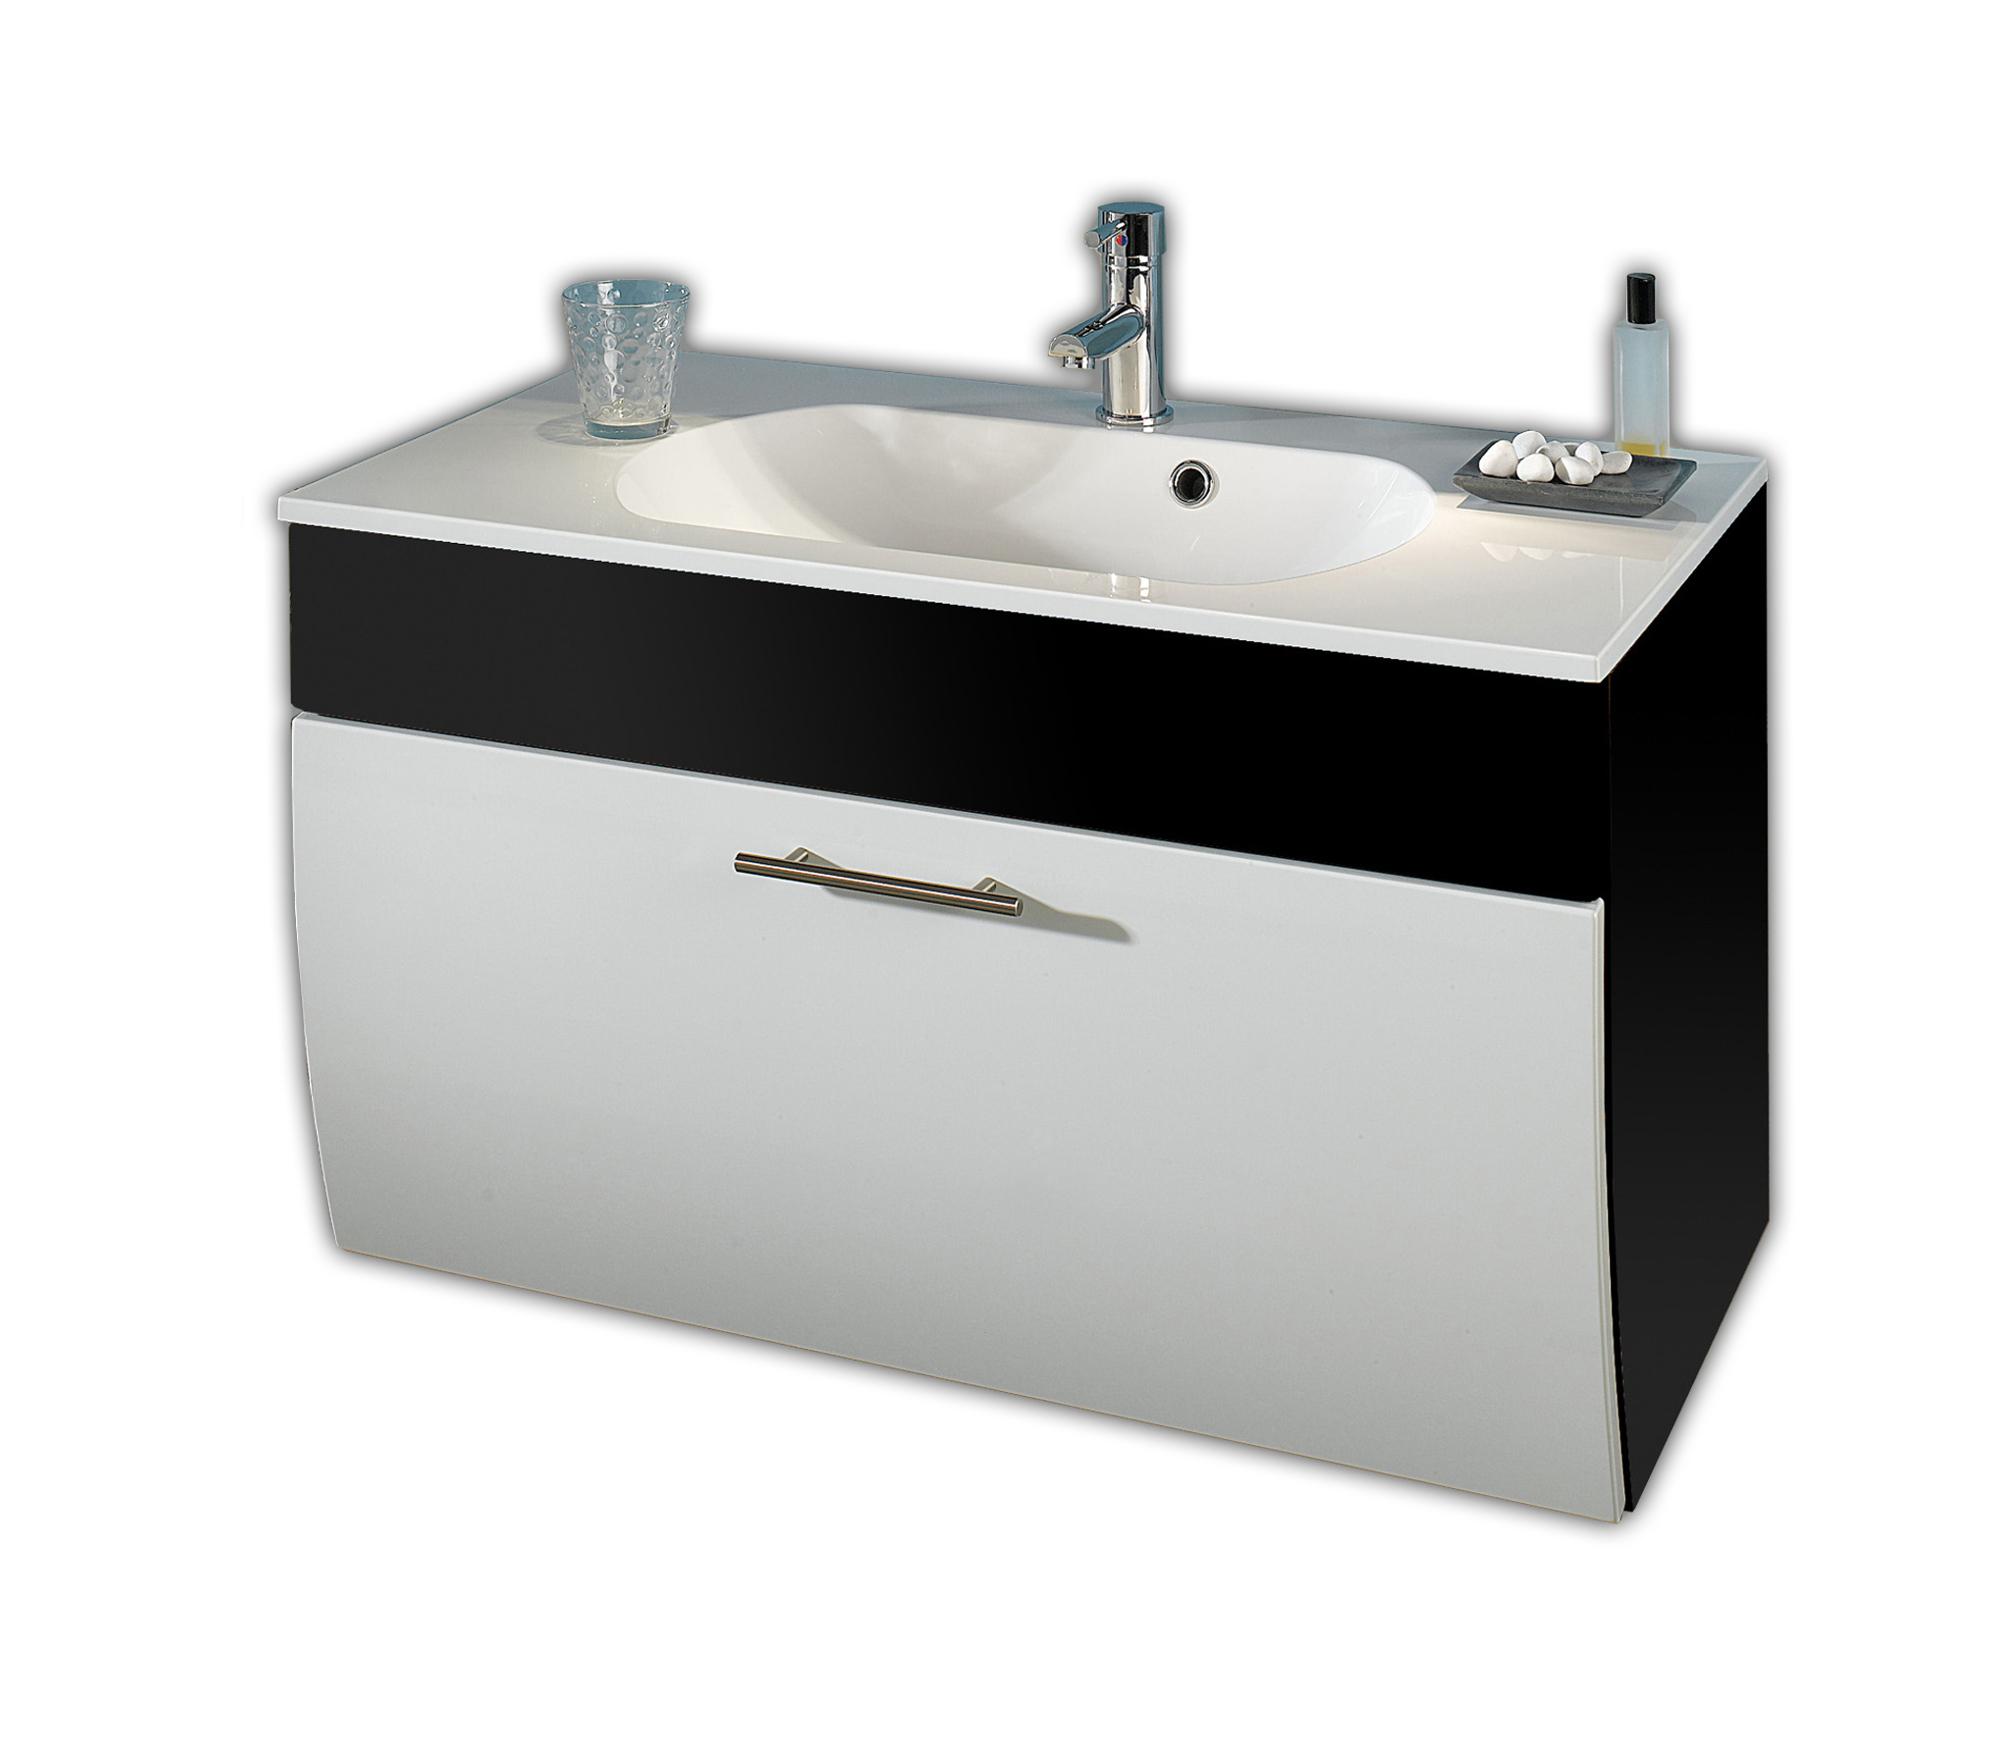 bad waschtisch salona 1 klappe 90 cm breit wei grau bad waschtische. Black Bedroom Furniture Sets. Home Design Ideas